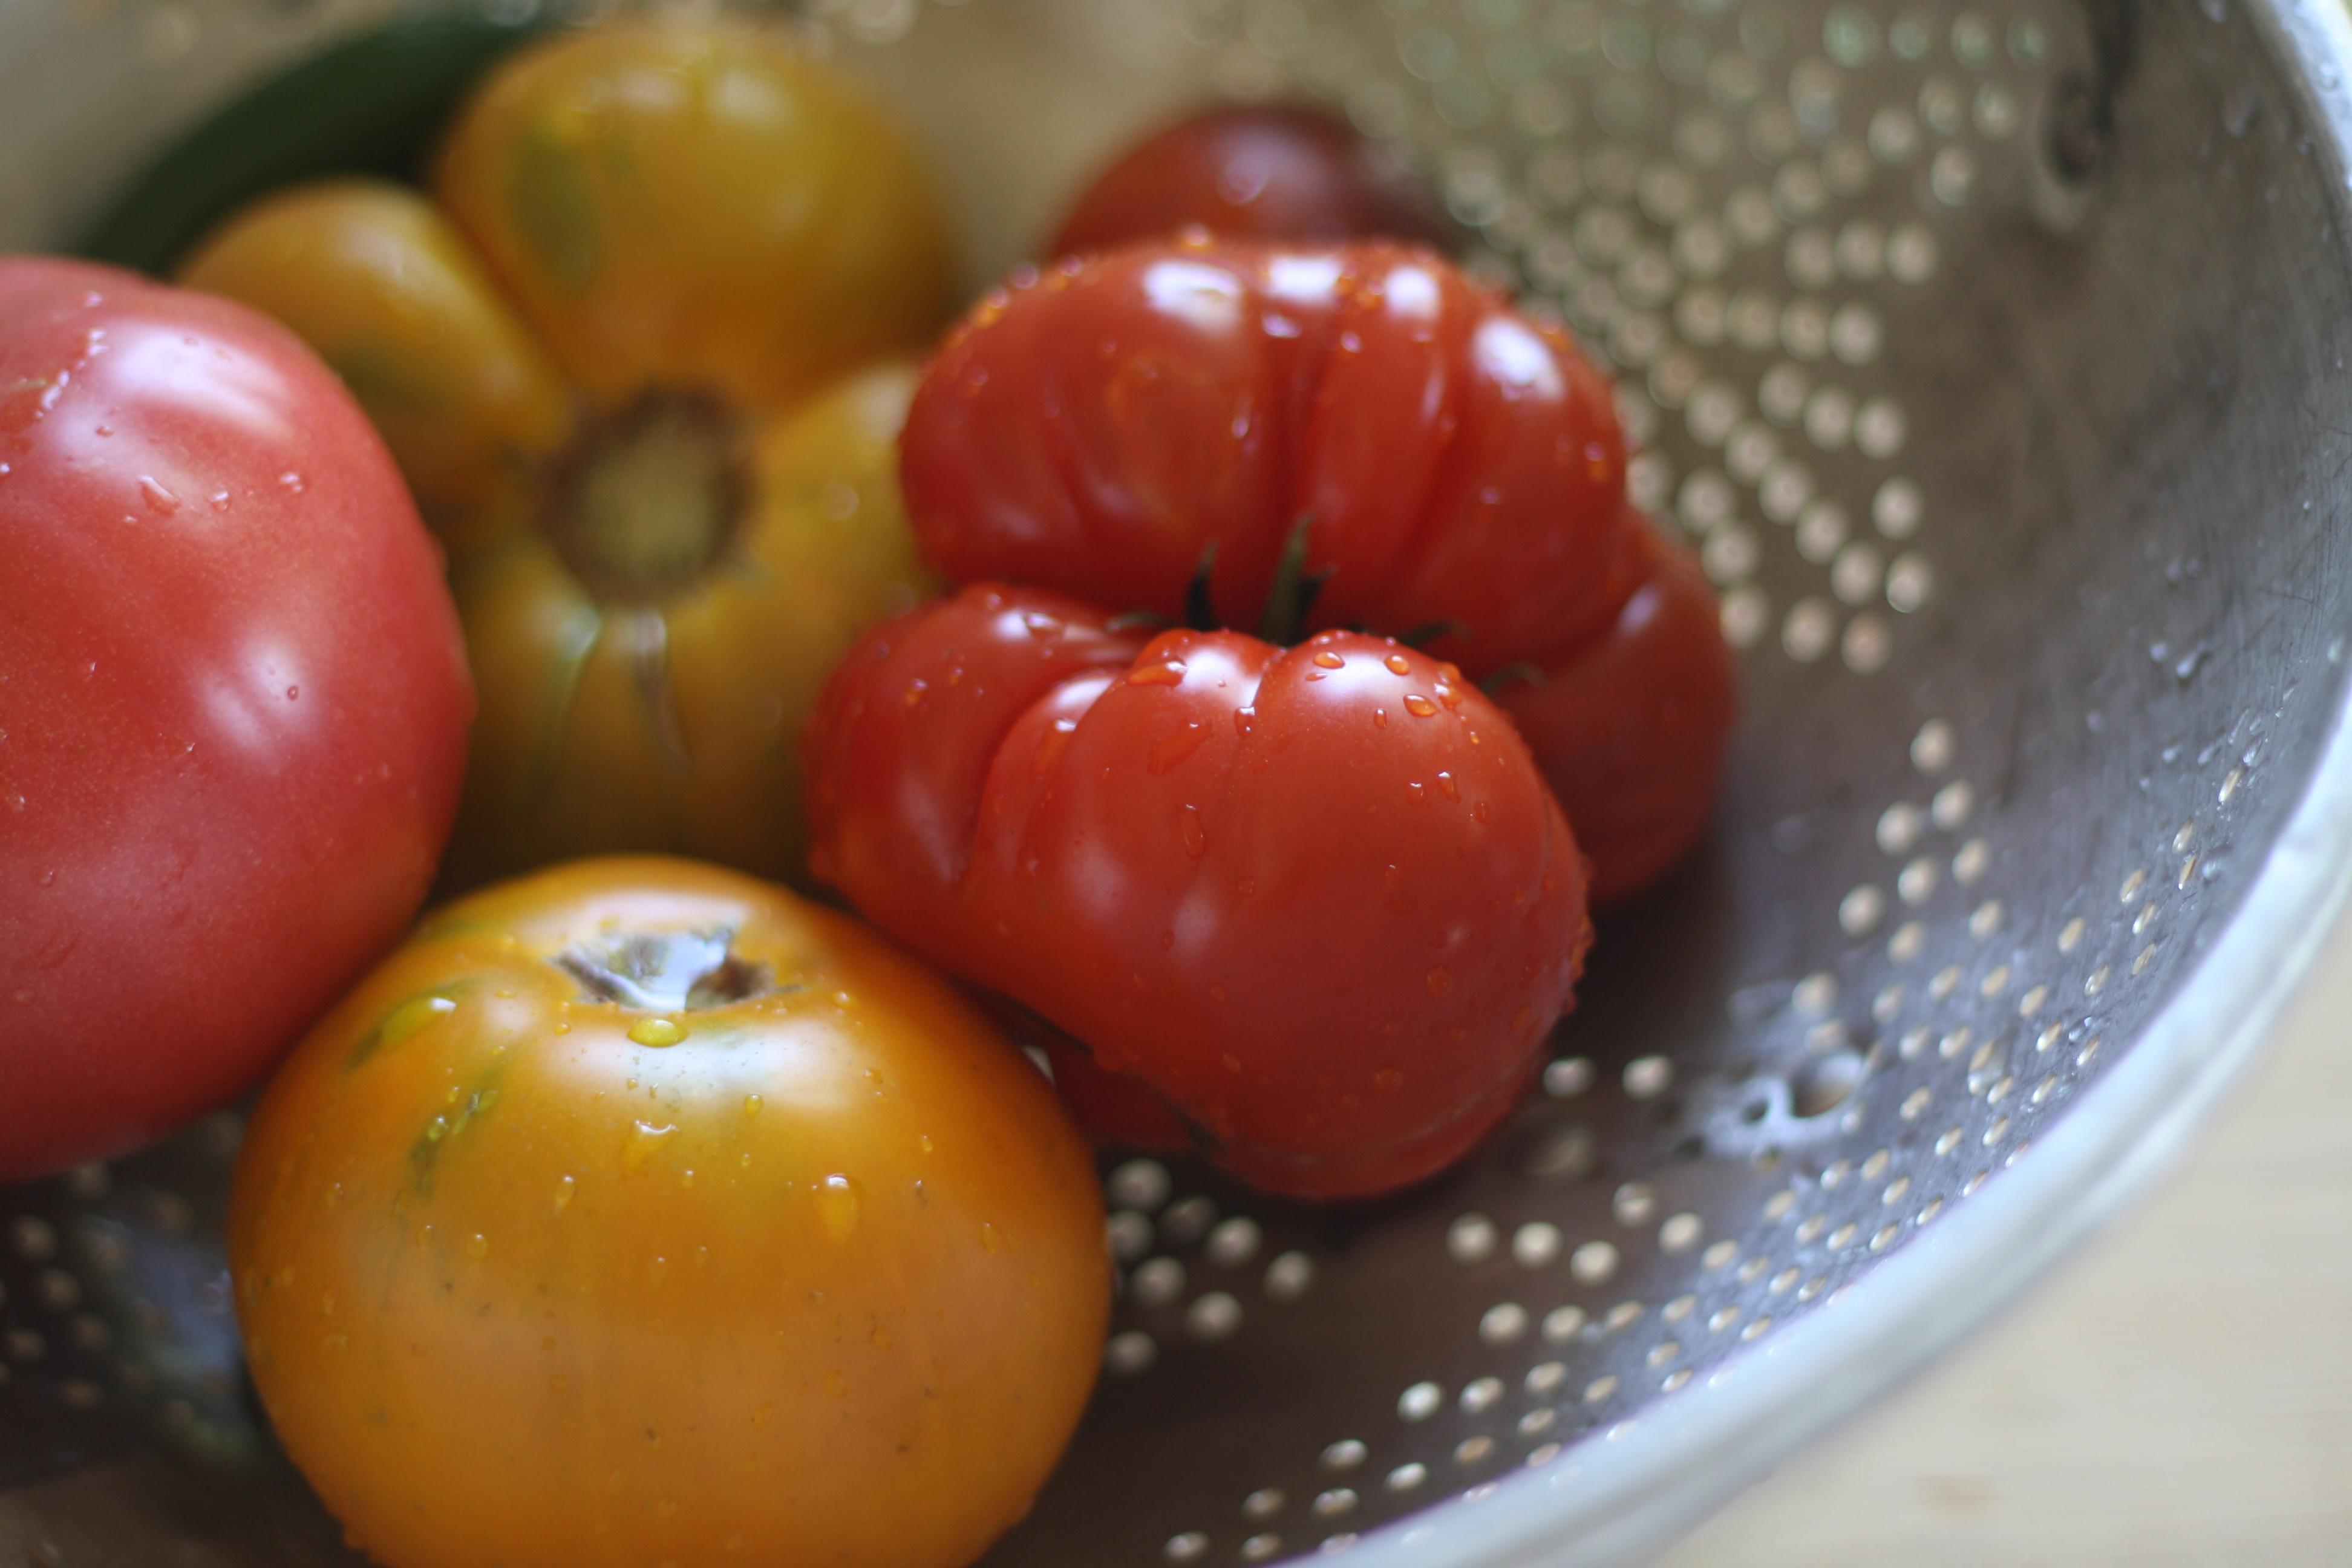 ... tomatoes of different heirloom tomato pico de gallo heirloom pico de